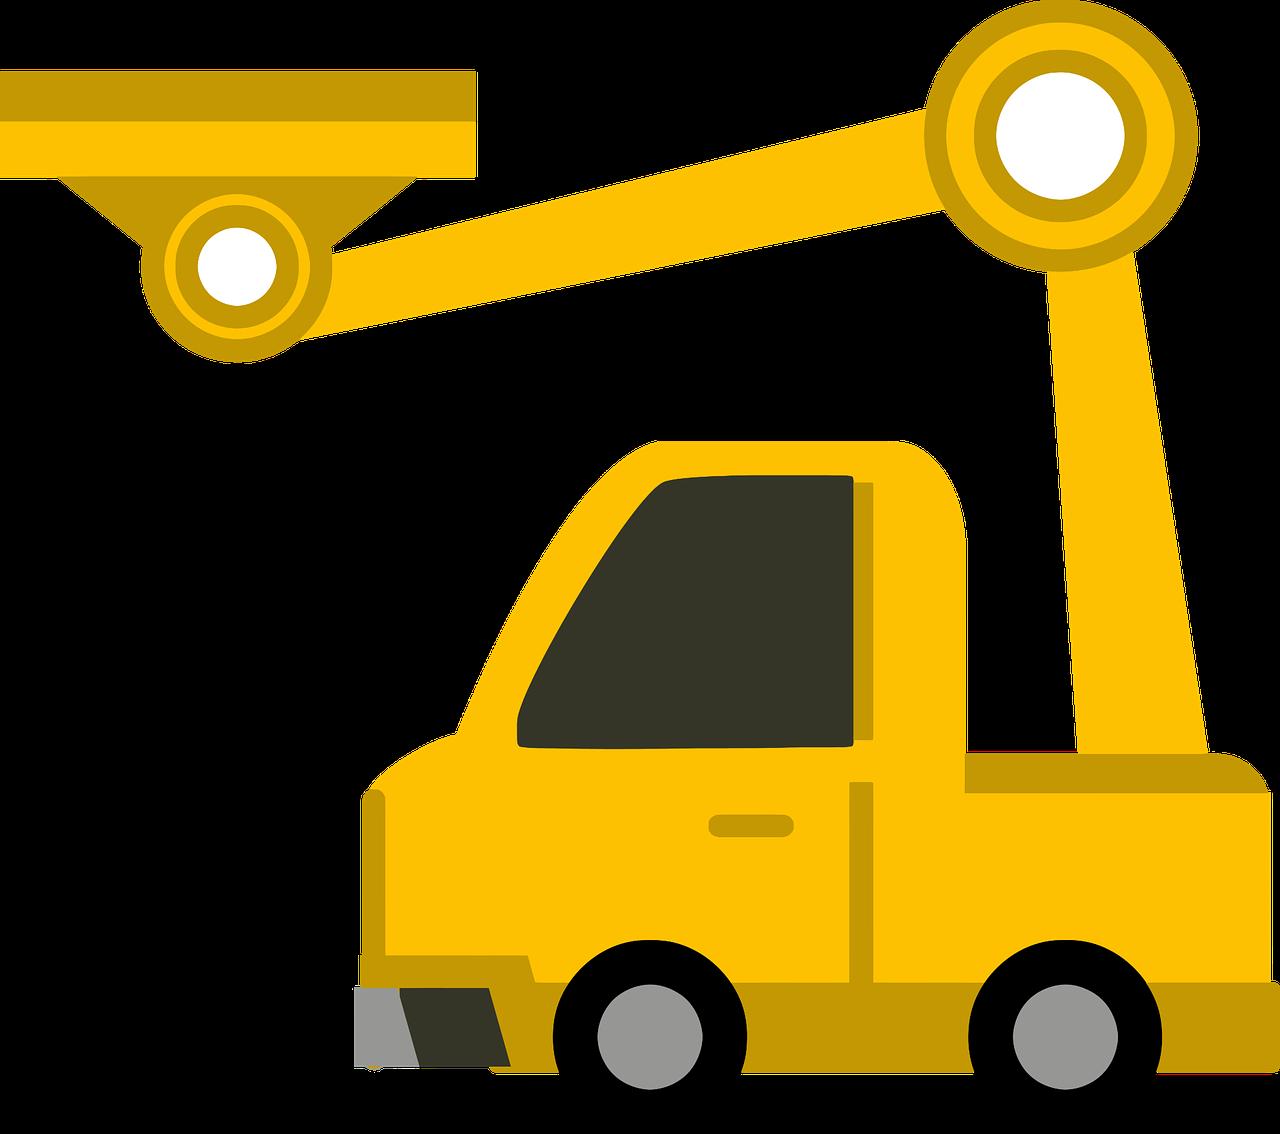 crane 1604453970 - היתרונות בהשכרת במות הרמה מול רכישה